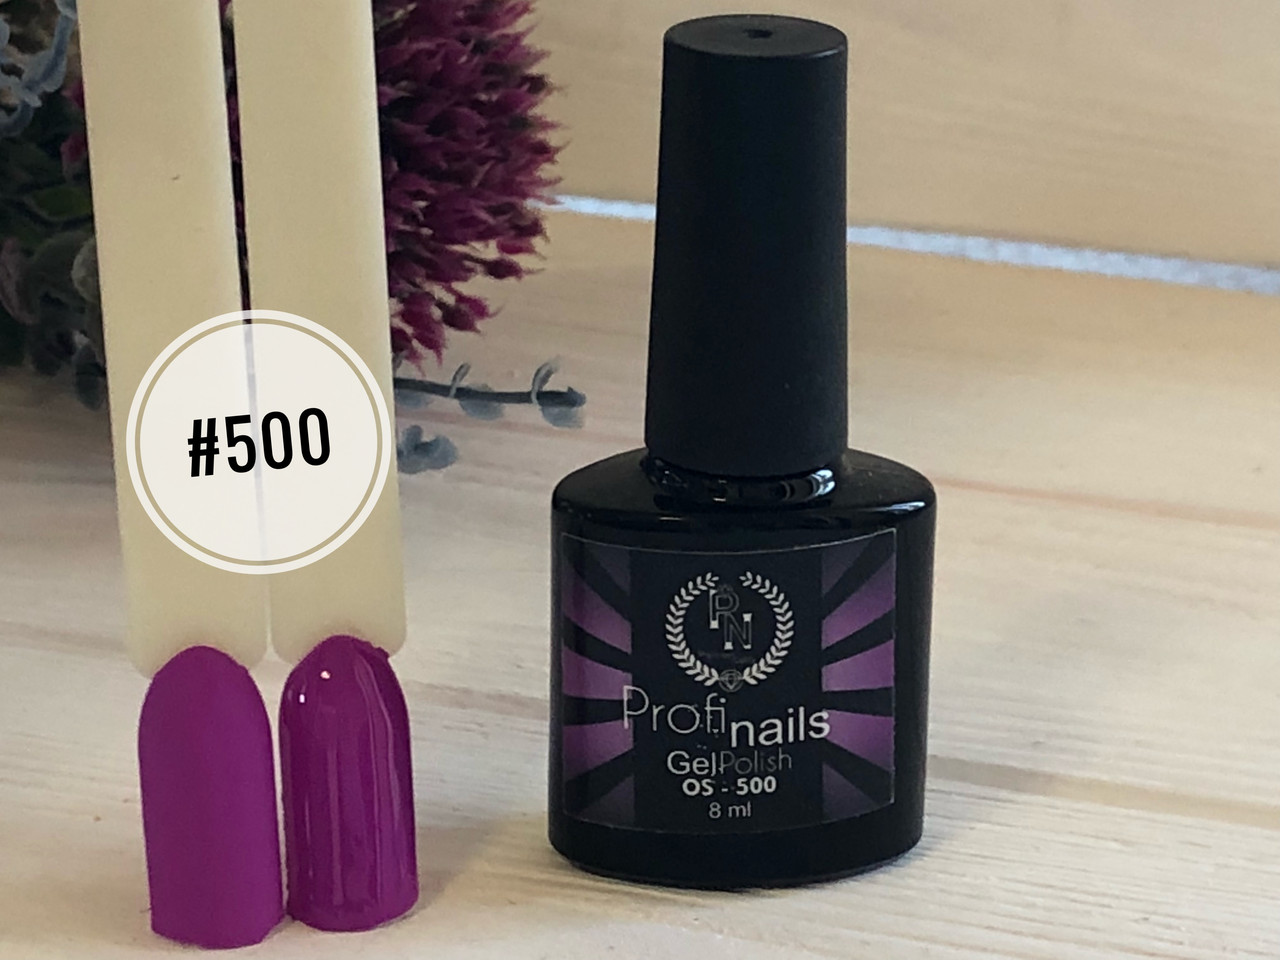 Гель лак каучуковый 8 мл Profi nails # 500